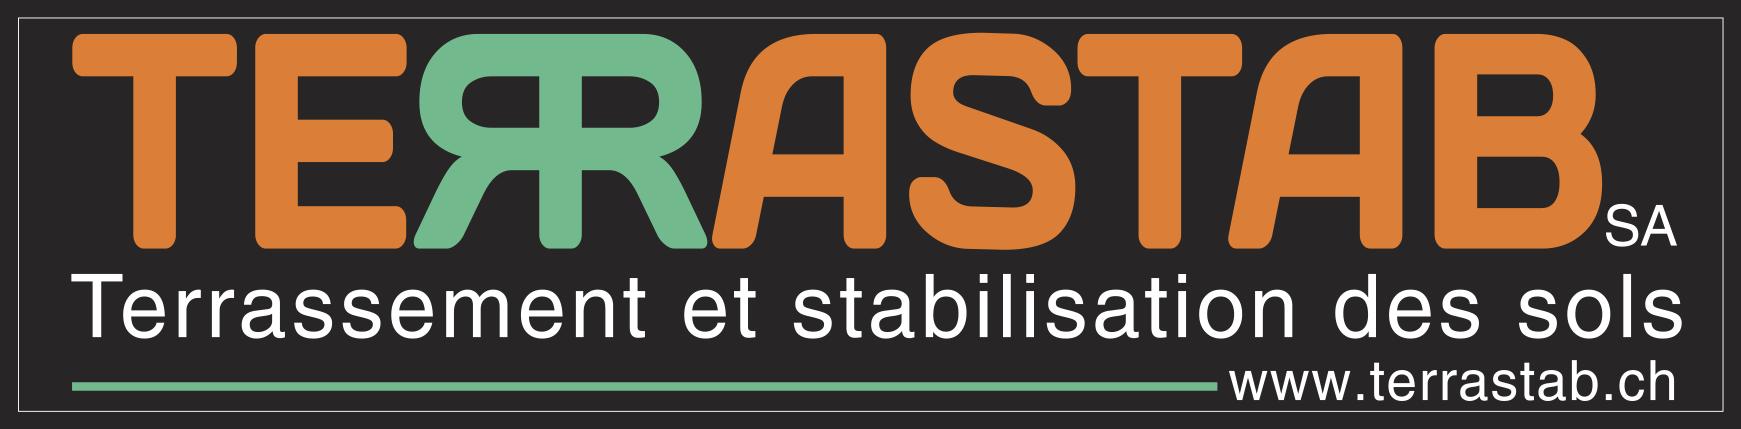 terrastab_fichiers 09. 2019